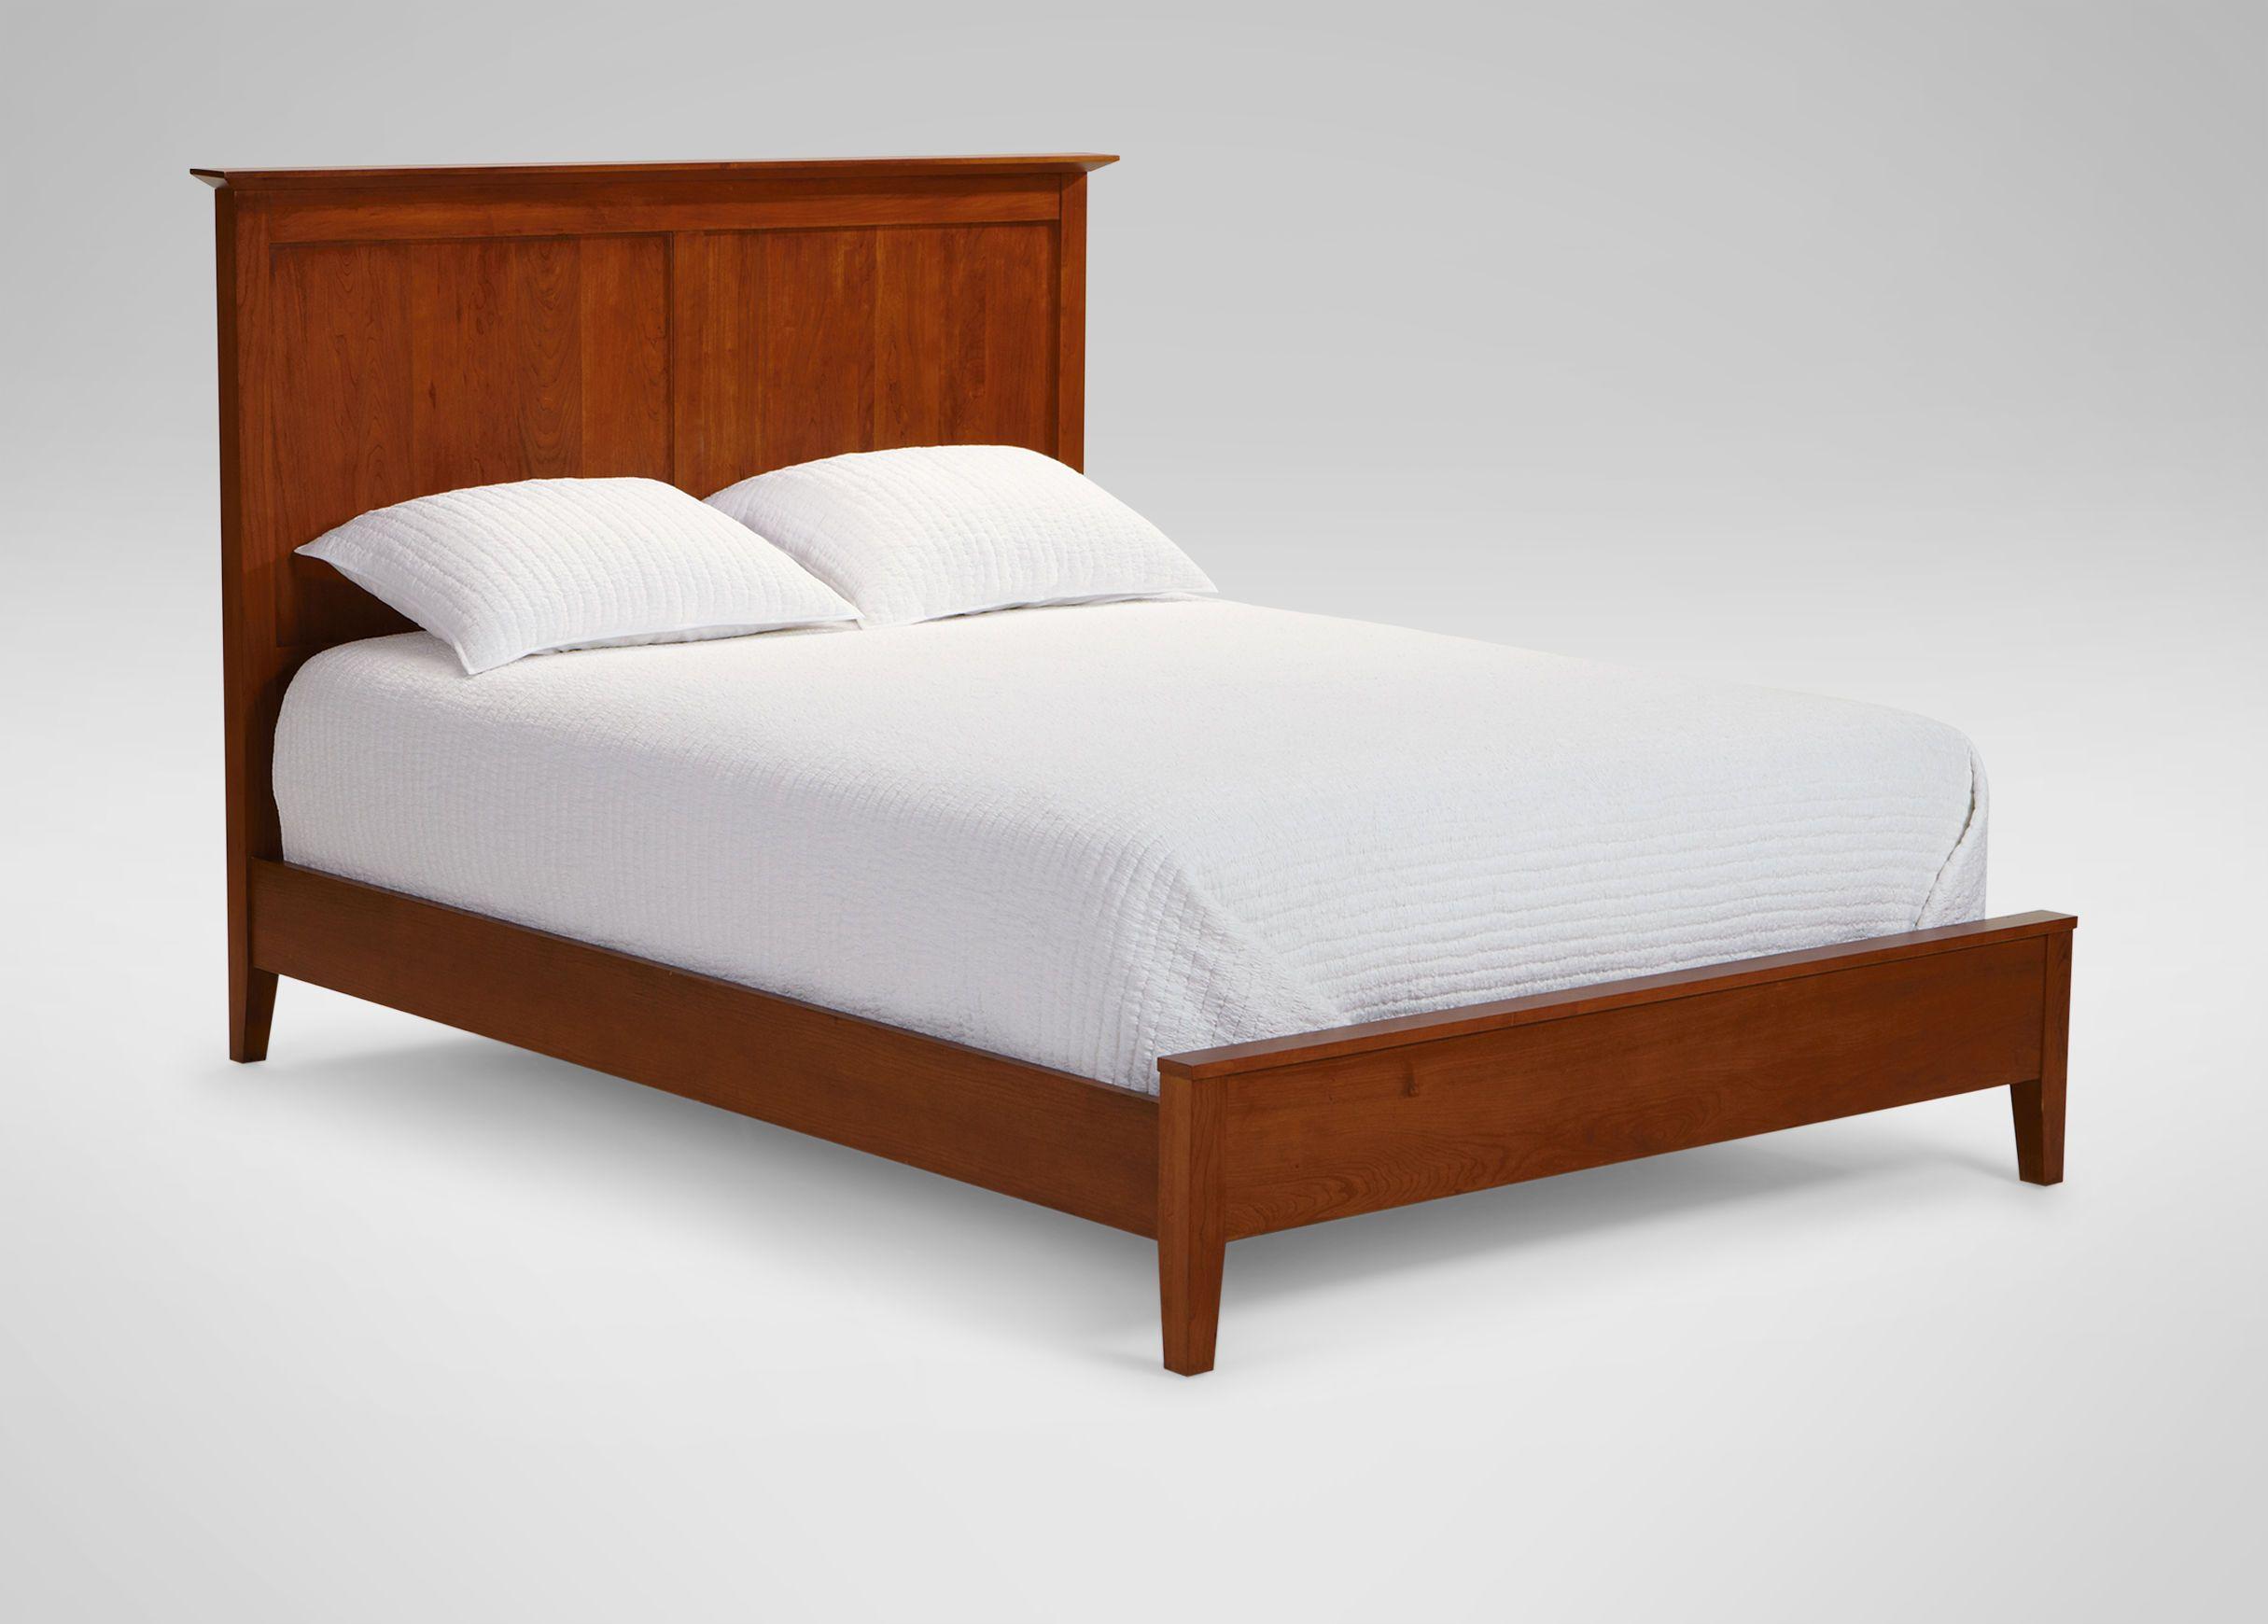 Tatum Bed King bed frame, Bed, Bed frame